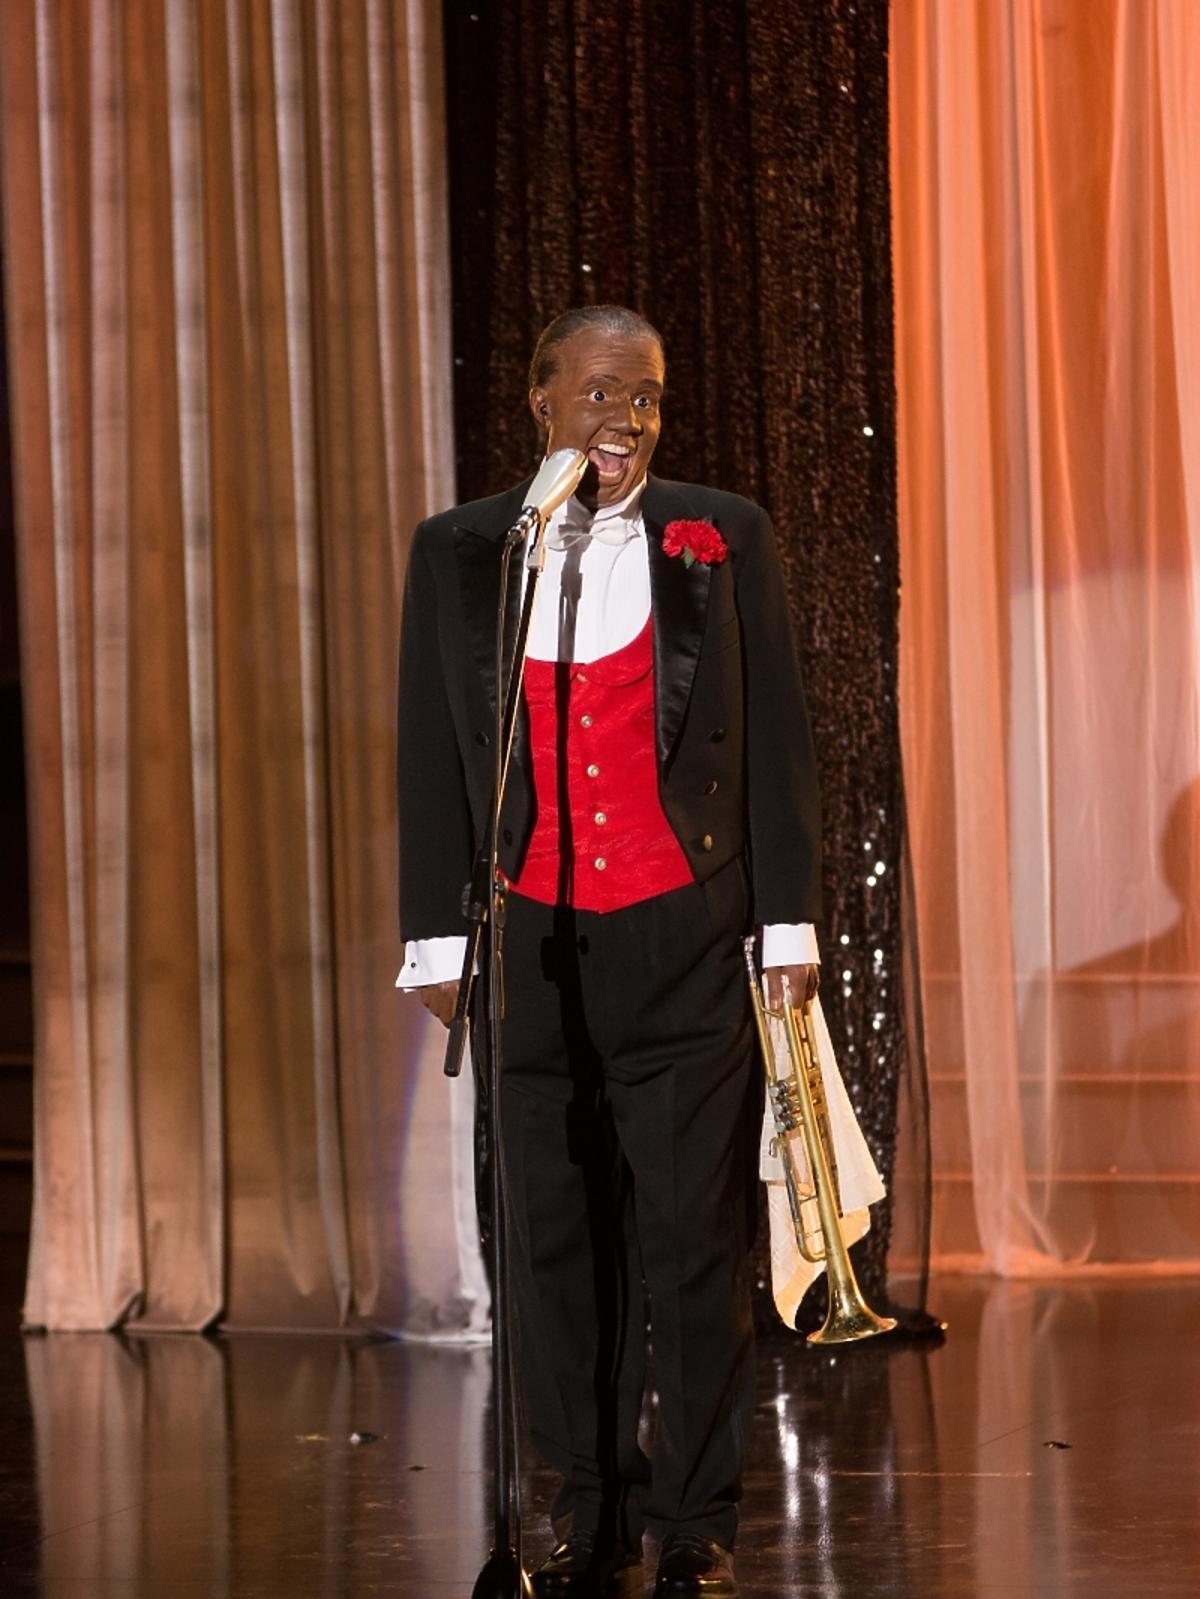 Monika Dryl jako Louis Armstrong w pierwszym odcinku Twoja Twarz Brzmi Znajomo 4